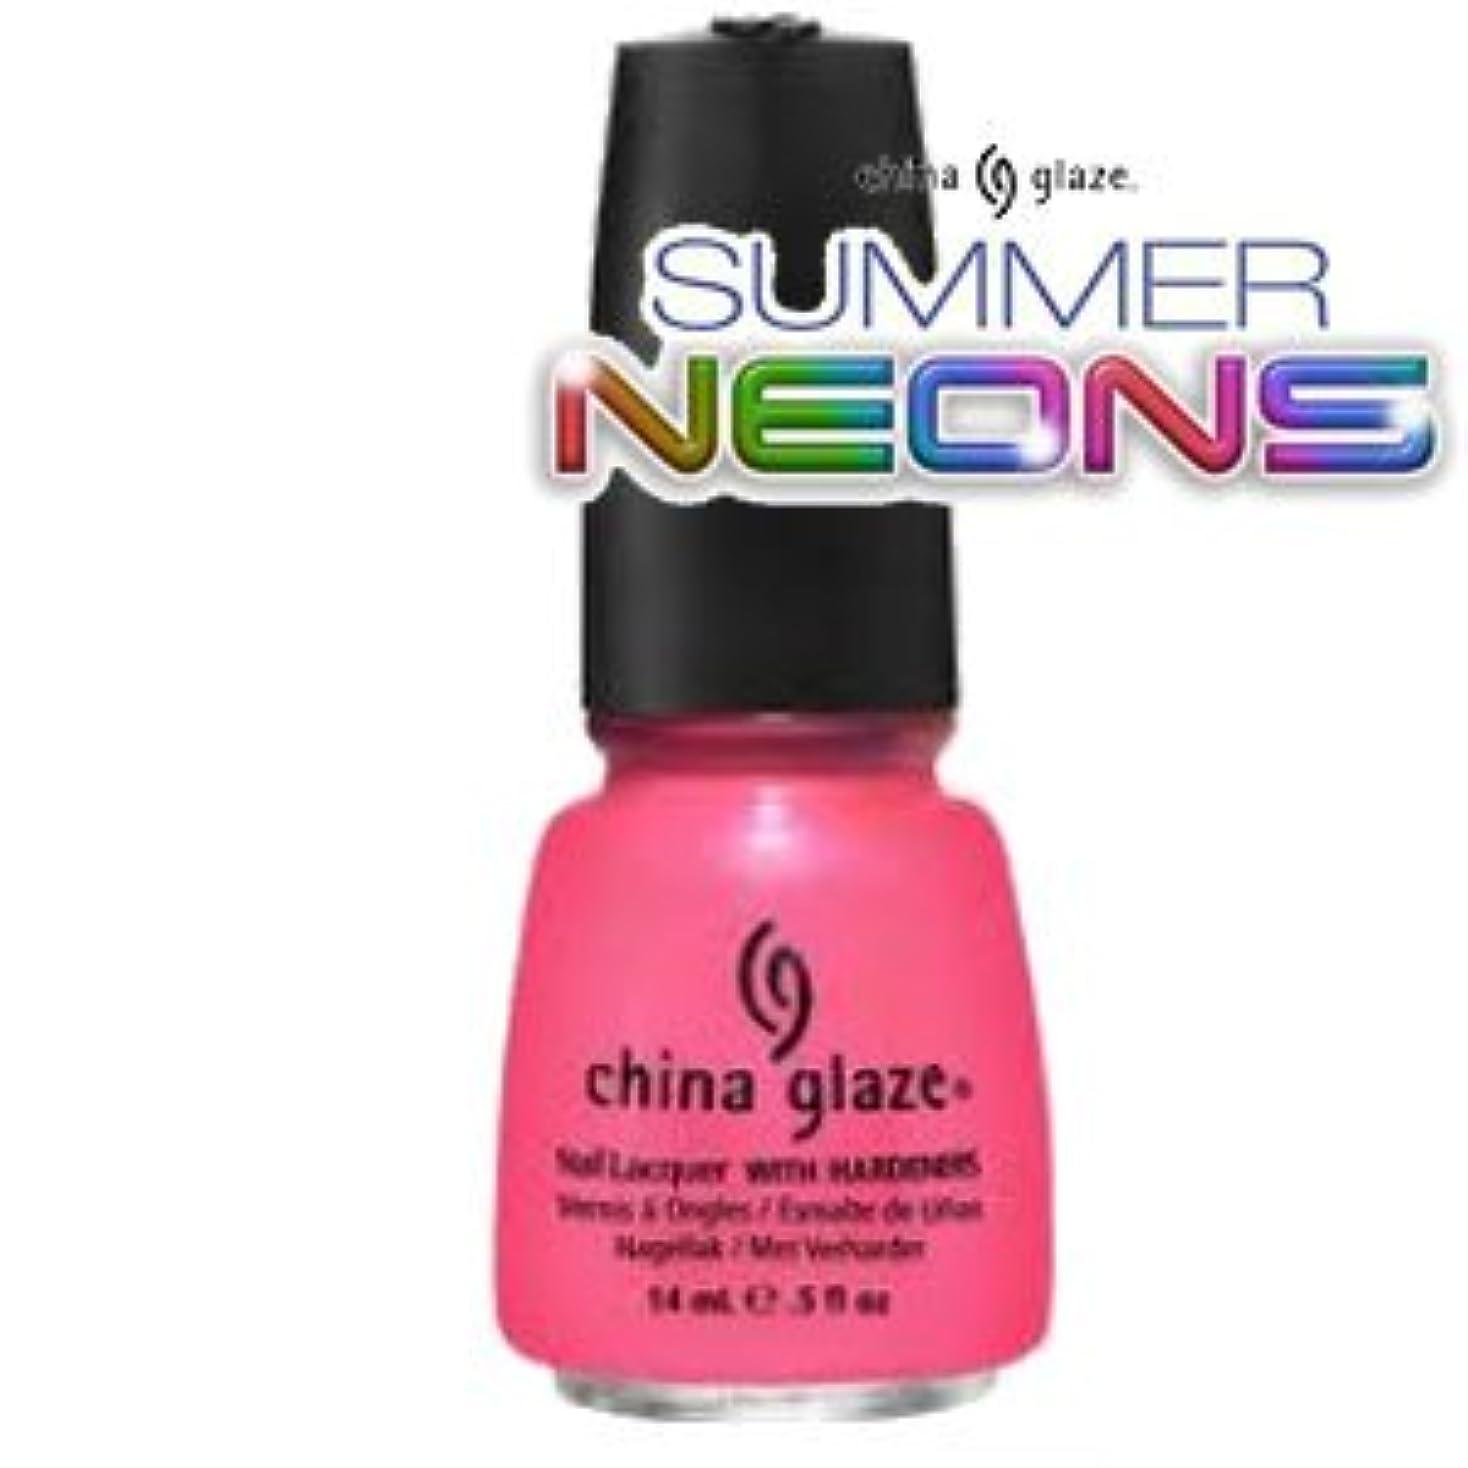 航空機章誰も(チャイナグレイズ)China Glaze Pink Plumeriaーサマーネオン コレクション [海外直送品][並行輸入品]